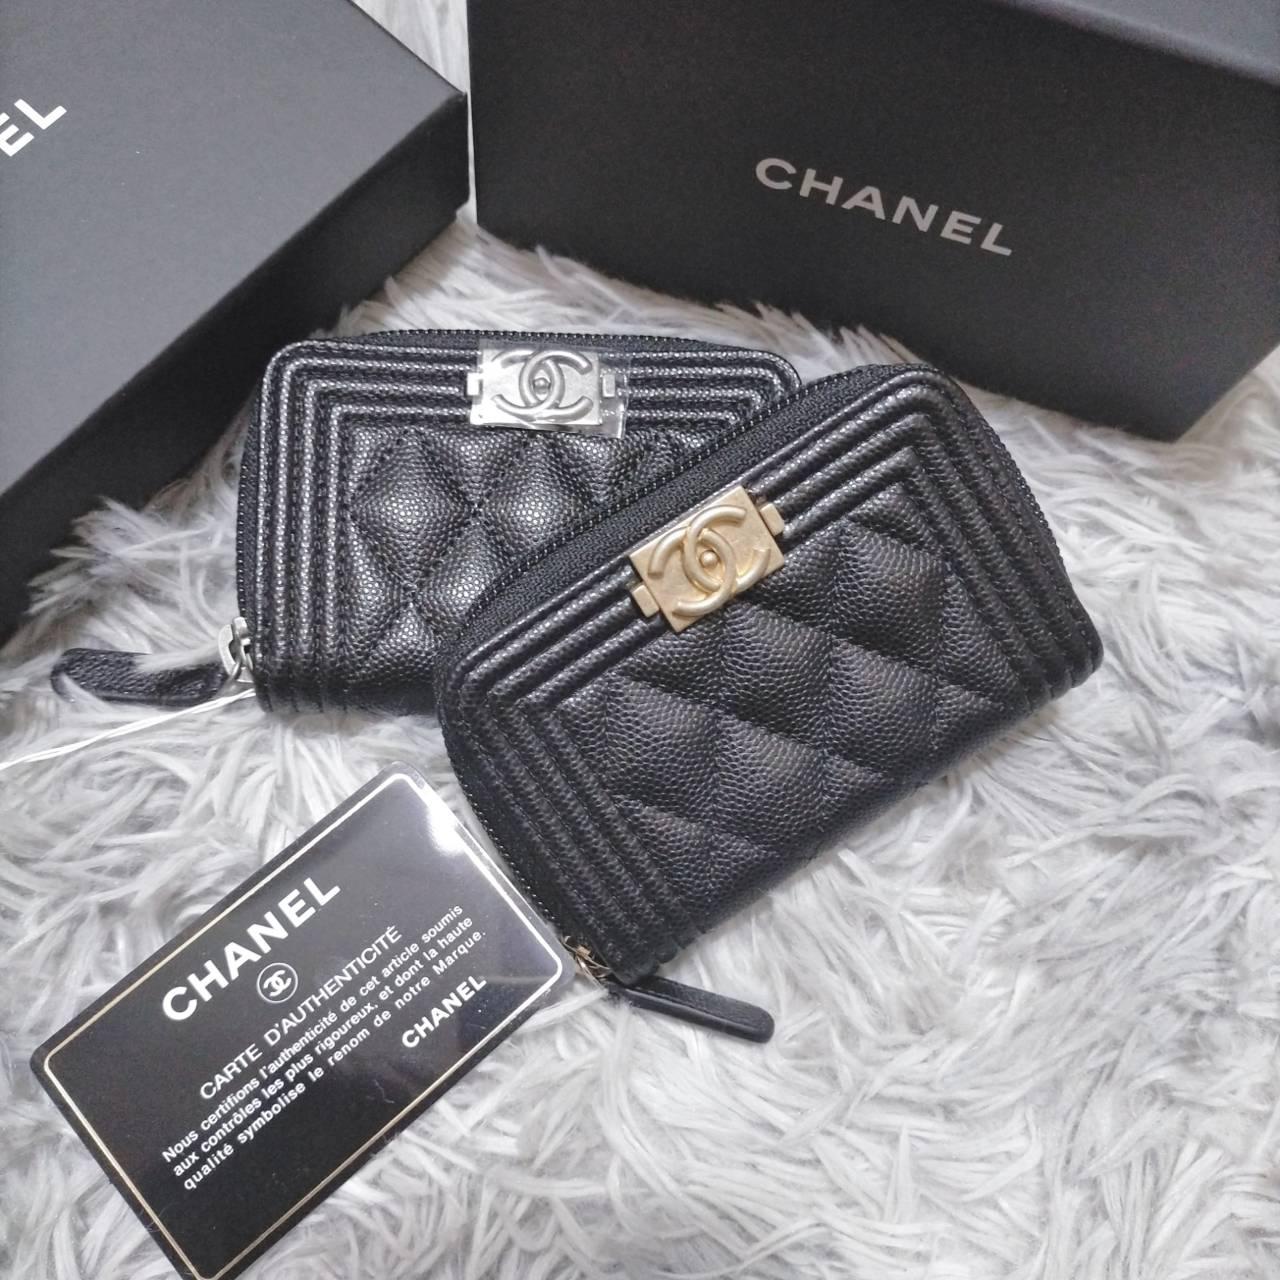 在台現貨 Chanel boy 拉鍊零錢包 只有 復古銀  $20300